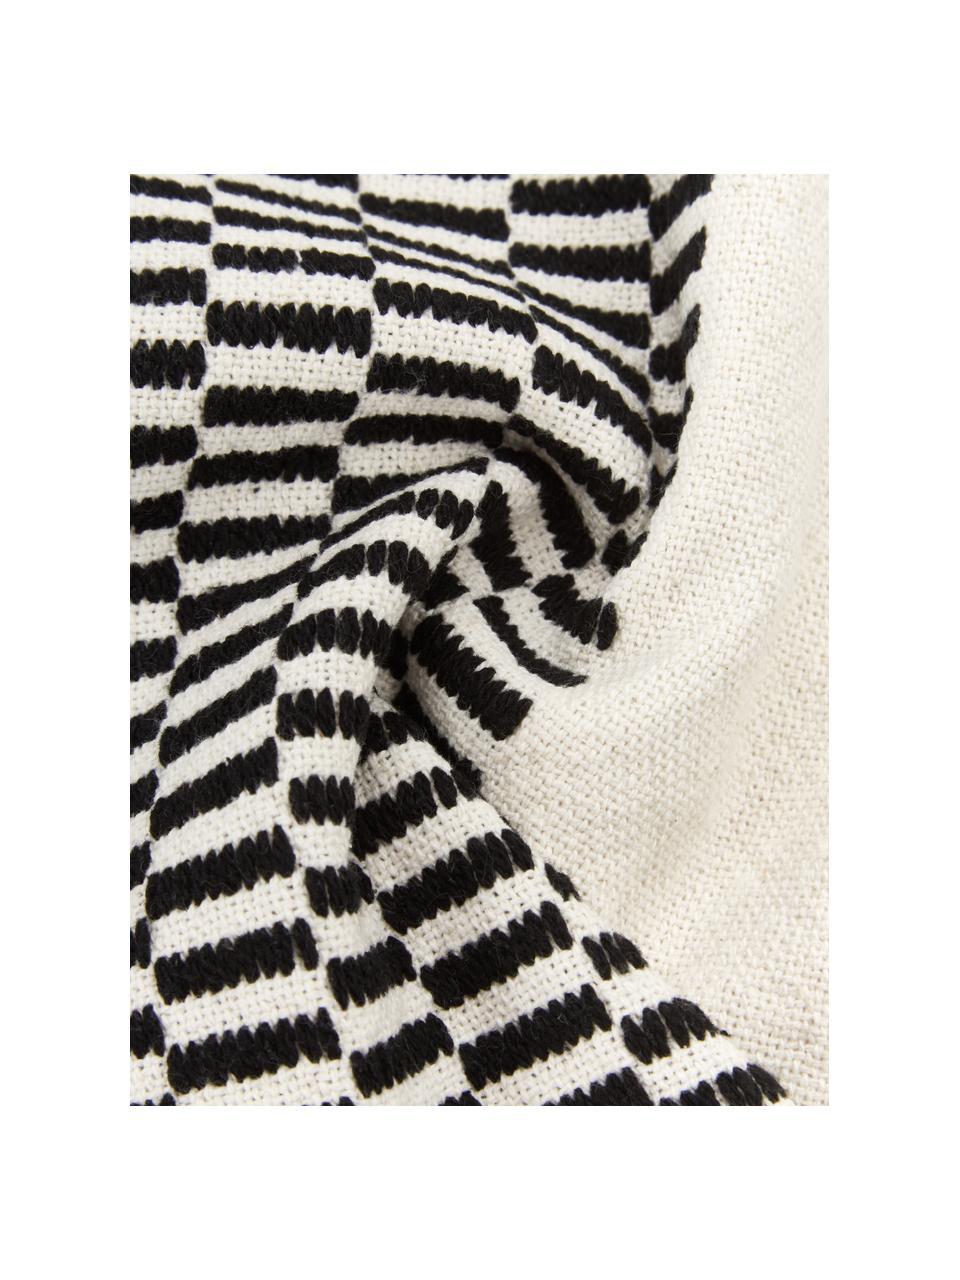 Baumwoll-Kissenhülle Okiro mit Quasten in Schwarz/Beige, 100% Baumwolle, Beige,Schwarz, 45 x 45 cm